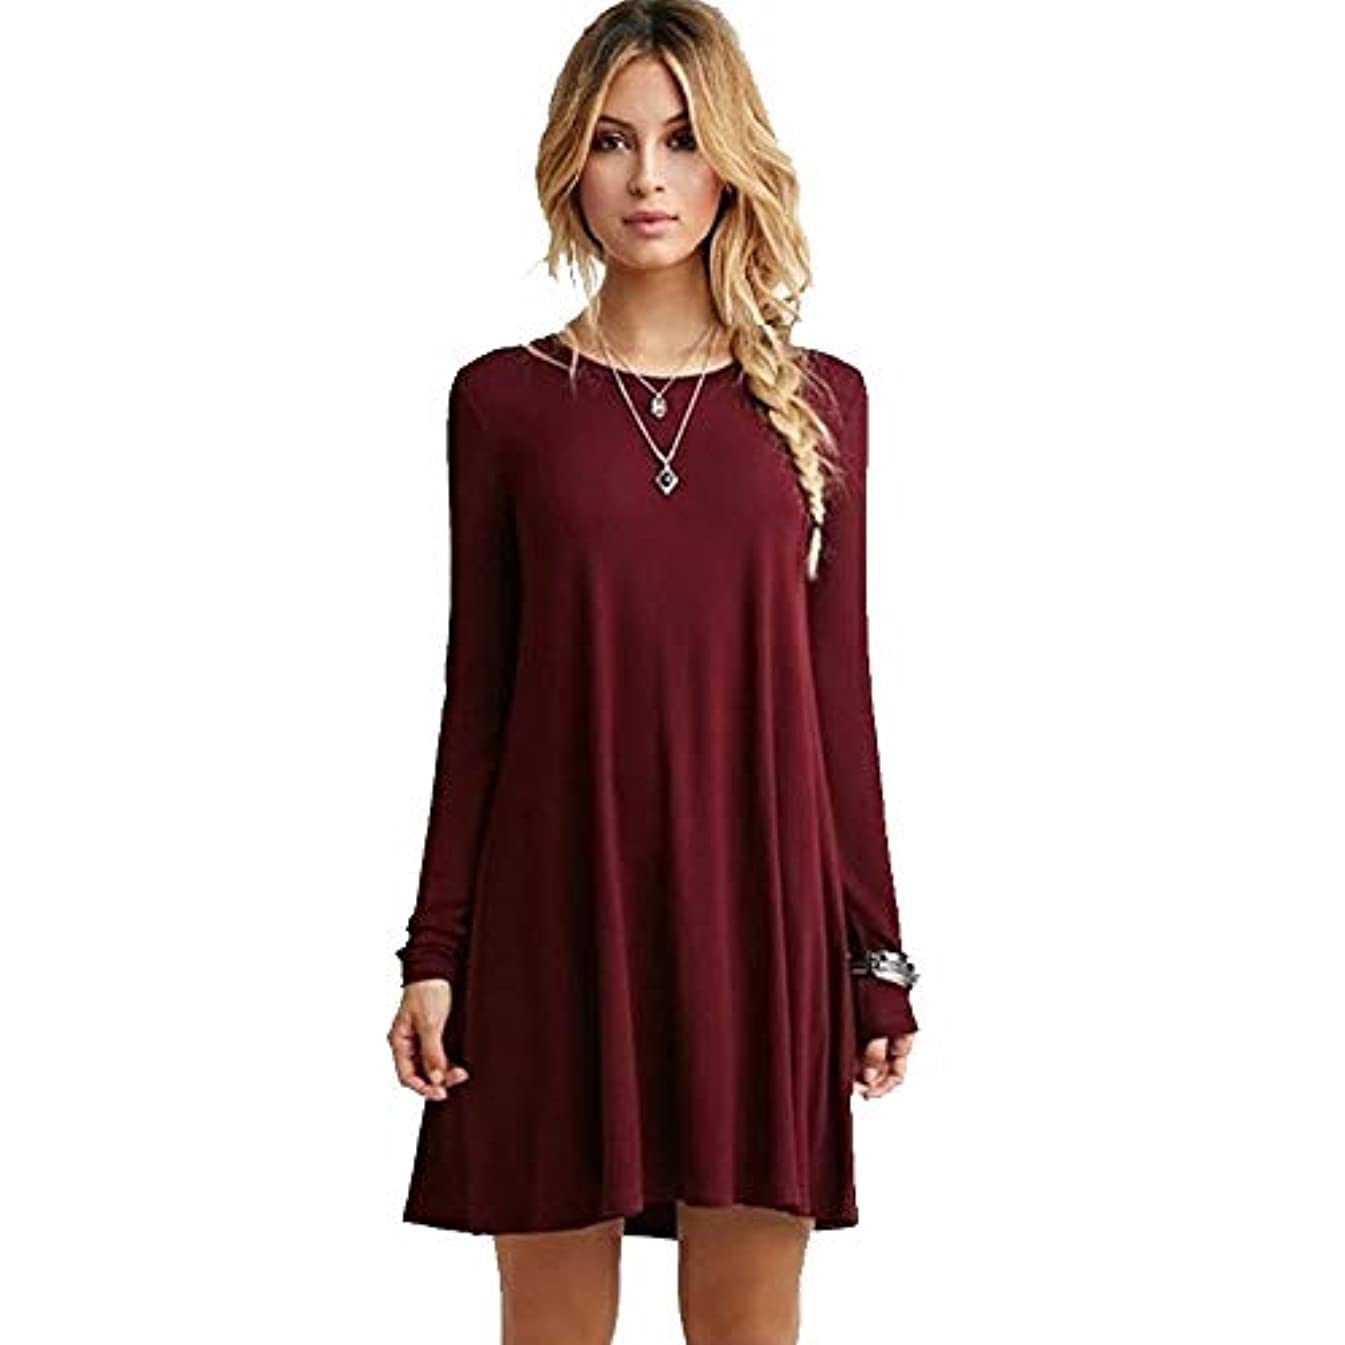 定期的な統計販売員MIFANルースドレス、プラスサイズのドレス、長袖のドレス、女性のドレス、秋のドレス、マキシドレス、コットンドレス